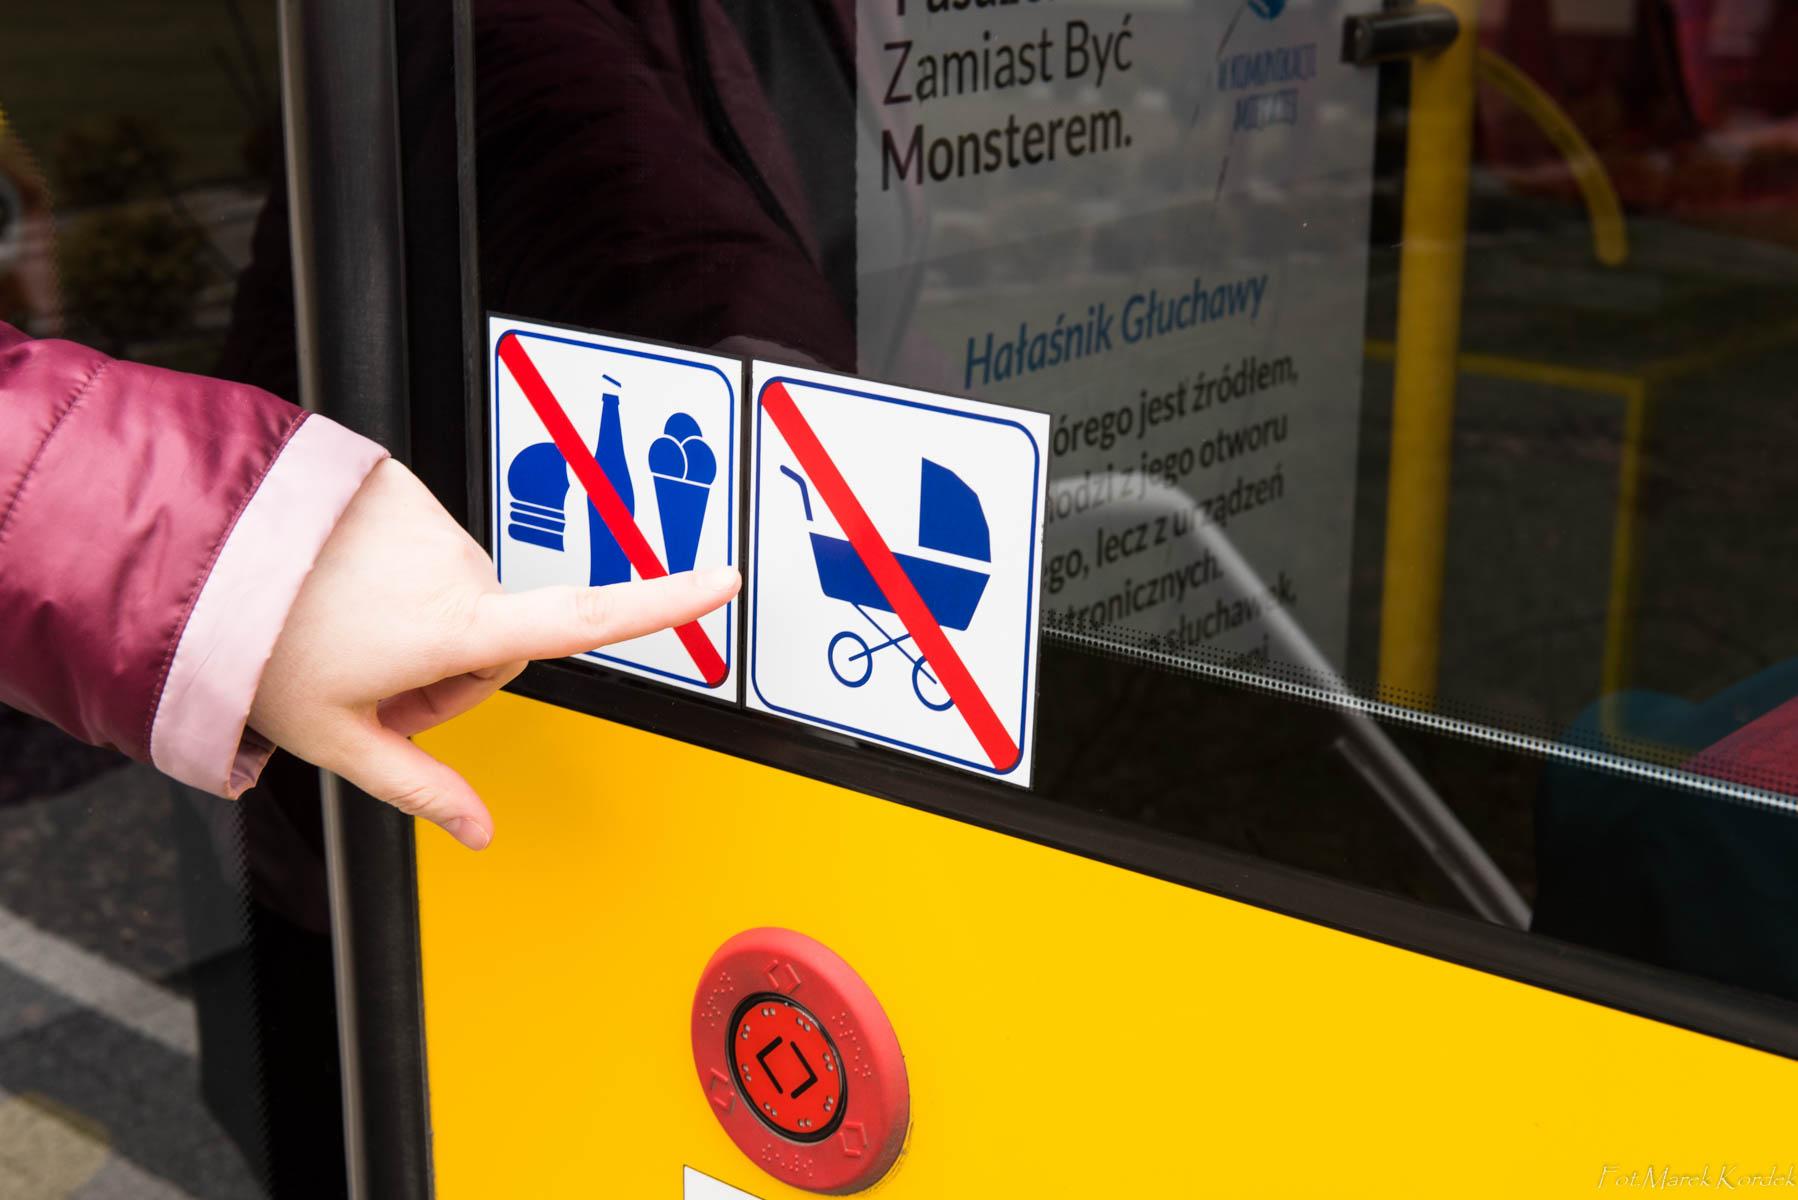 jak bezpiecznie przewozić wózek w autobusie oznakowanie drzwi